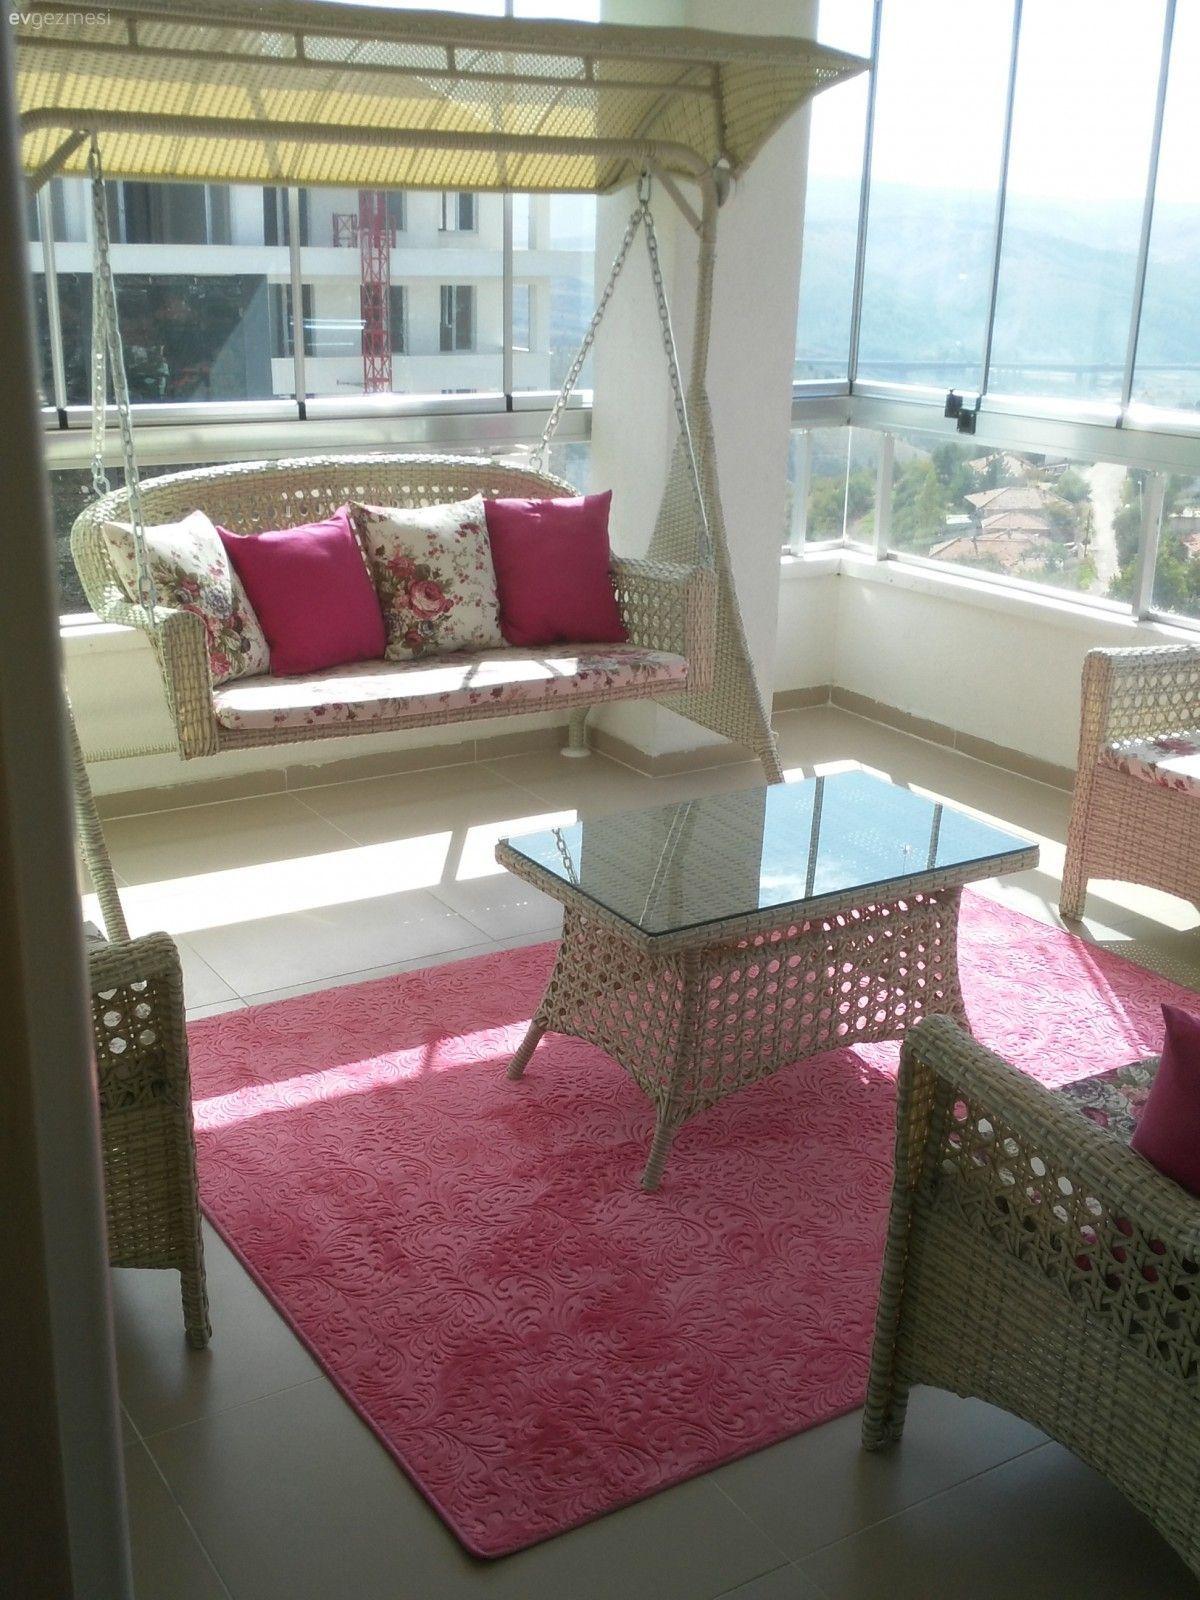 Evimle ilgili yorumları bekliyorum #landscaping Merhaba. Bizde yeni evimize ta… Balkon